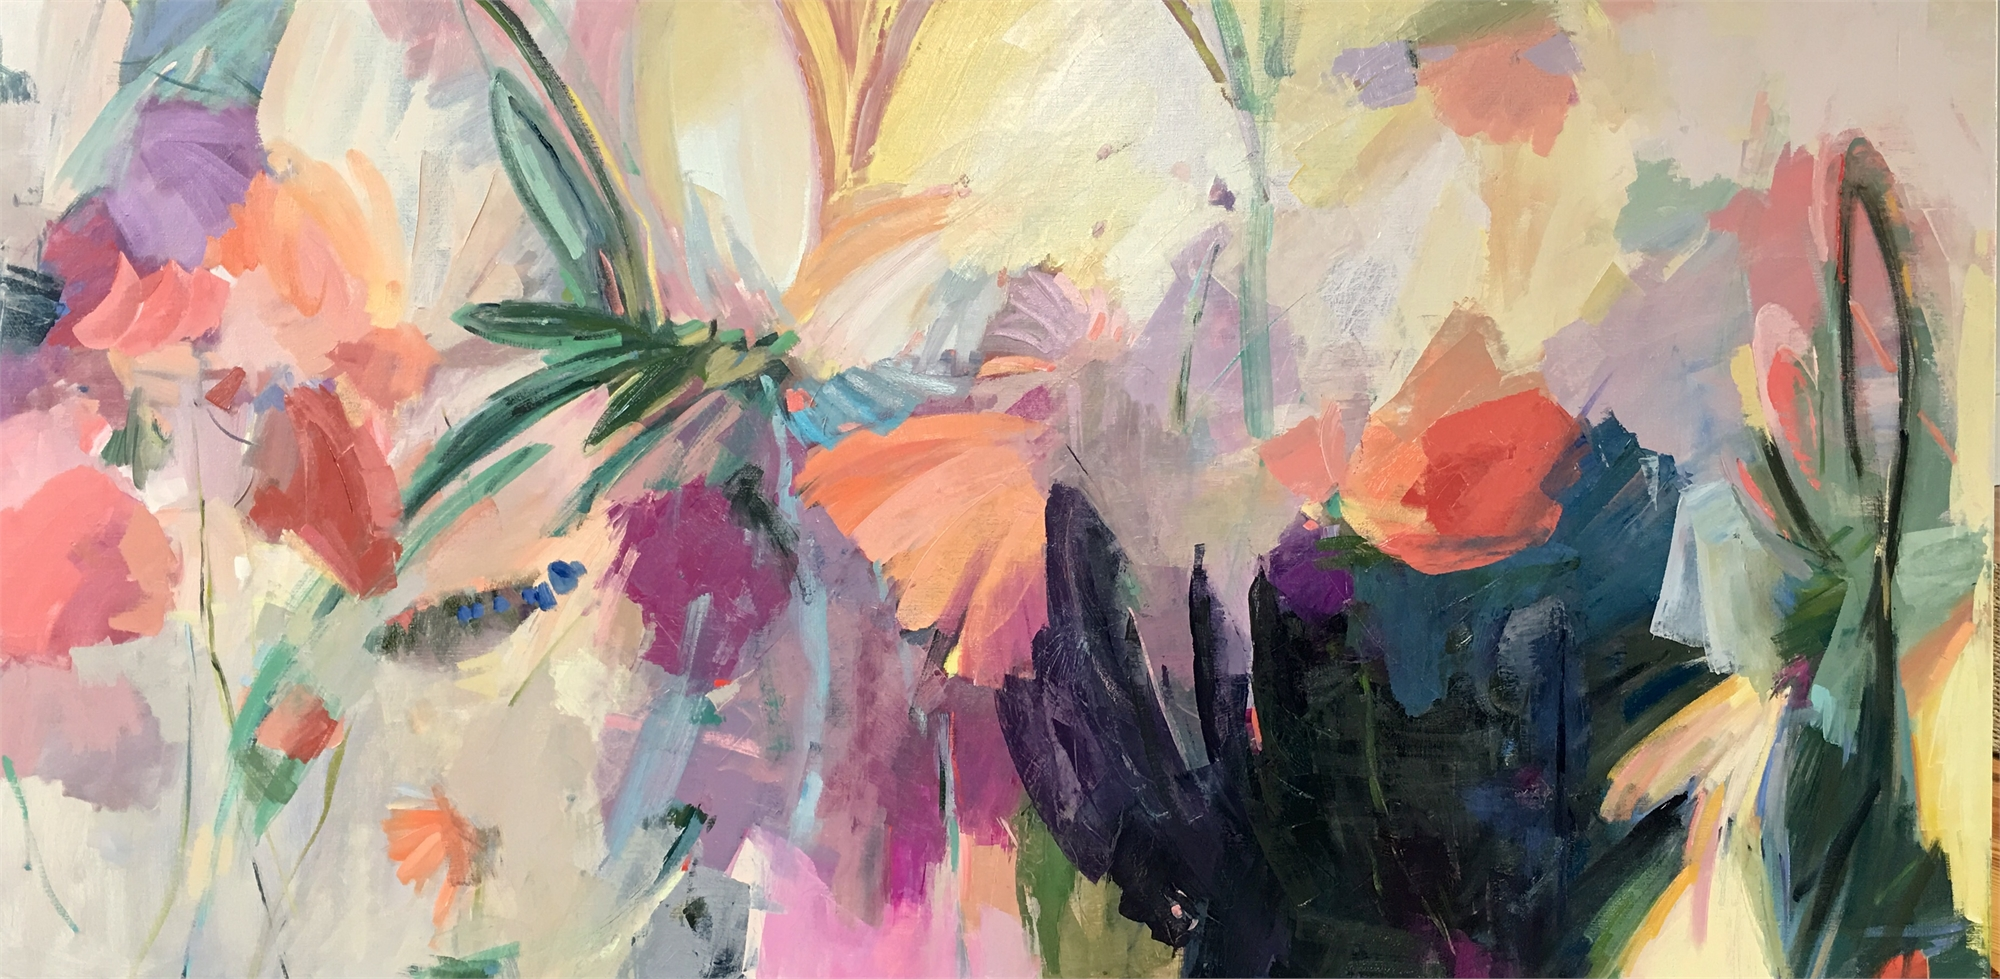 Jubilee by Marissa Vogl